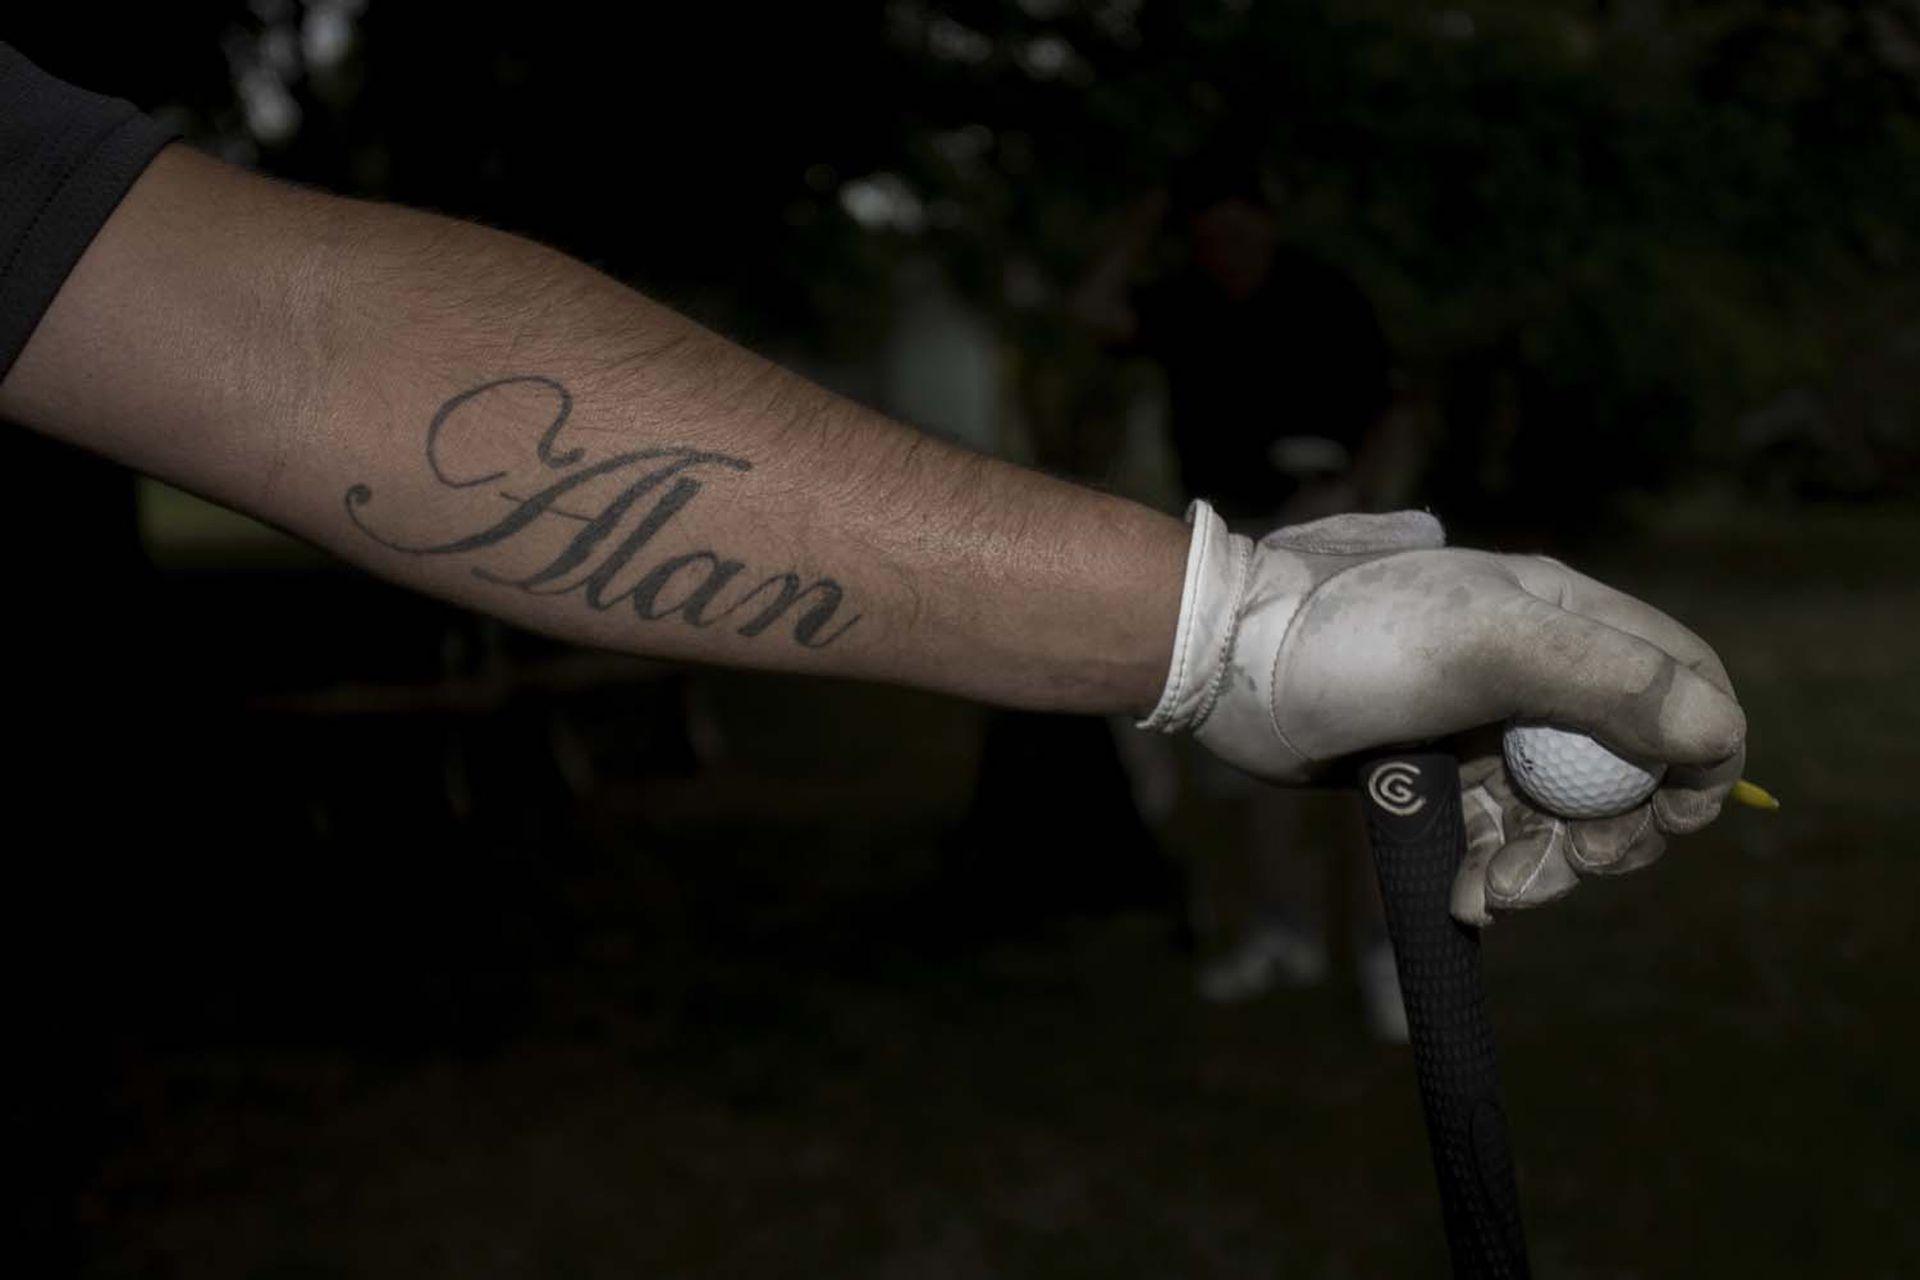 """El brazo de Javier """"El Mula"""" Farías lleva el tatuaje de uno de sus hijos."""